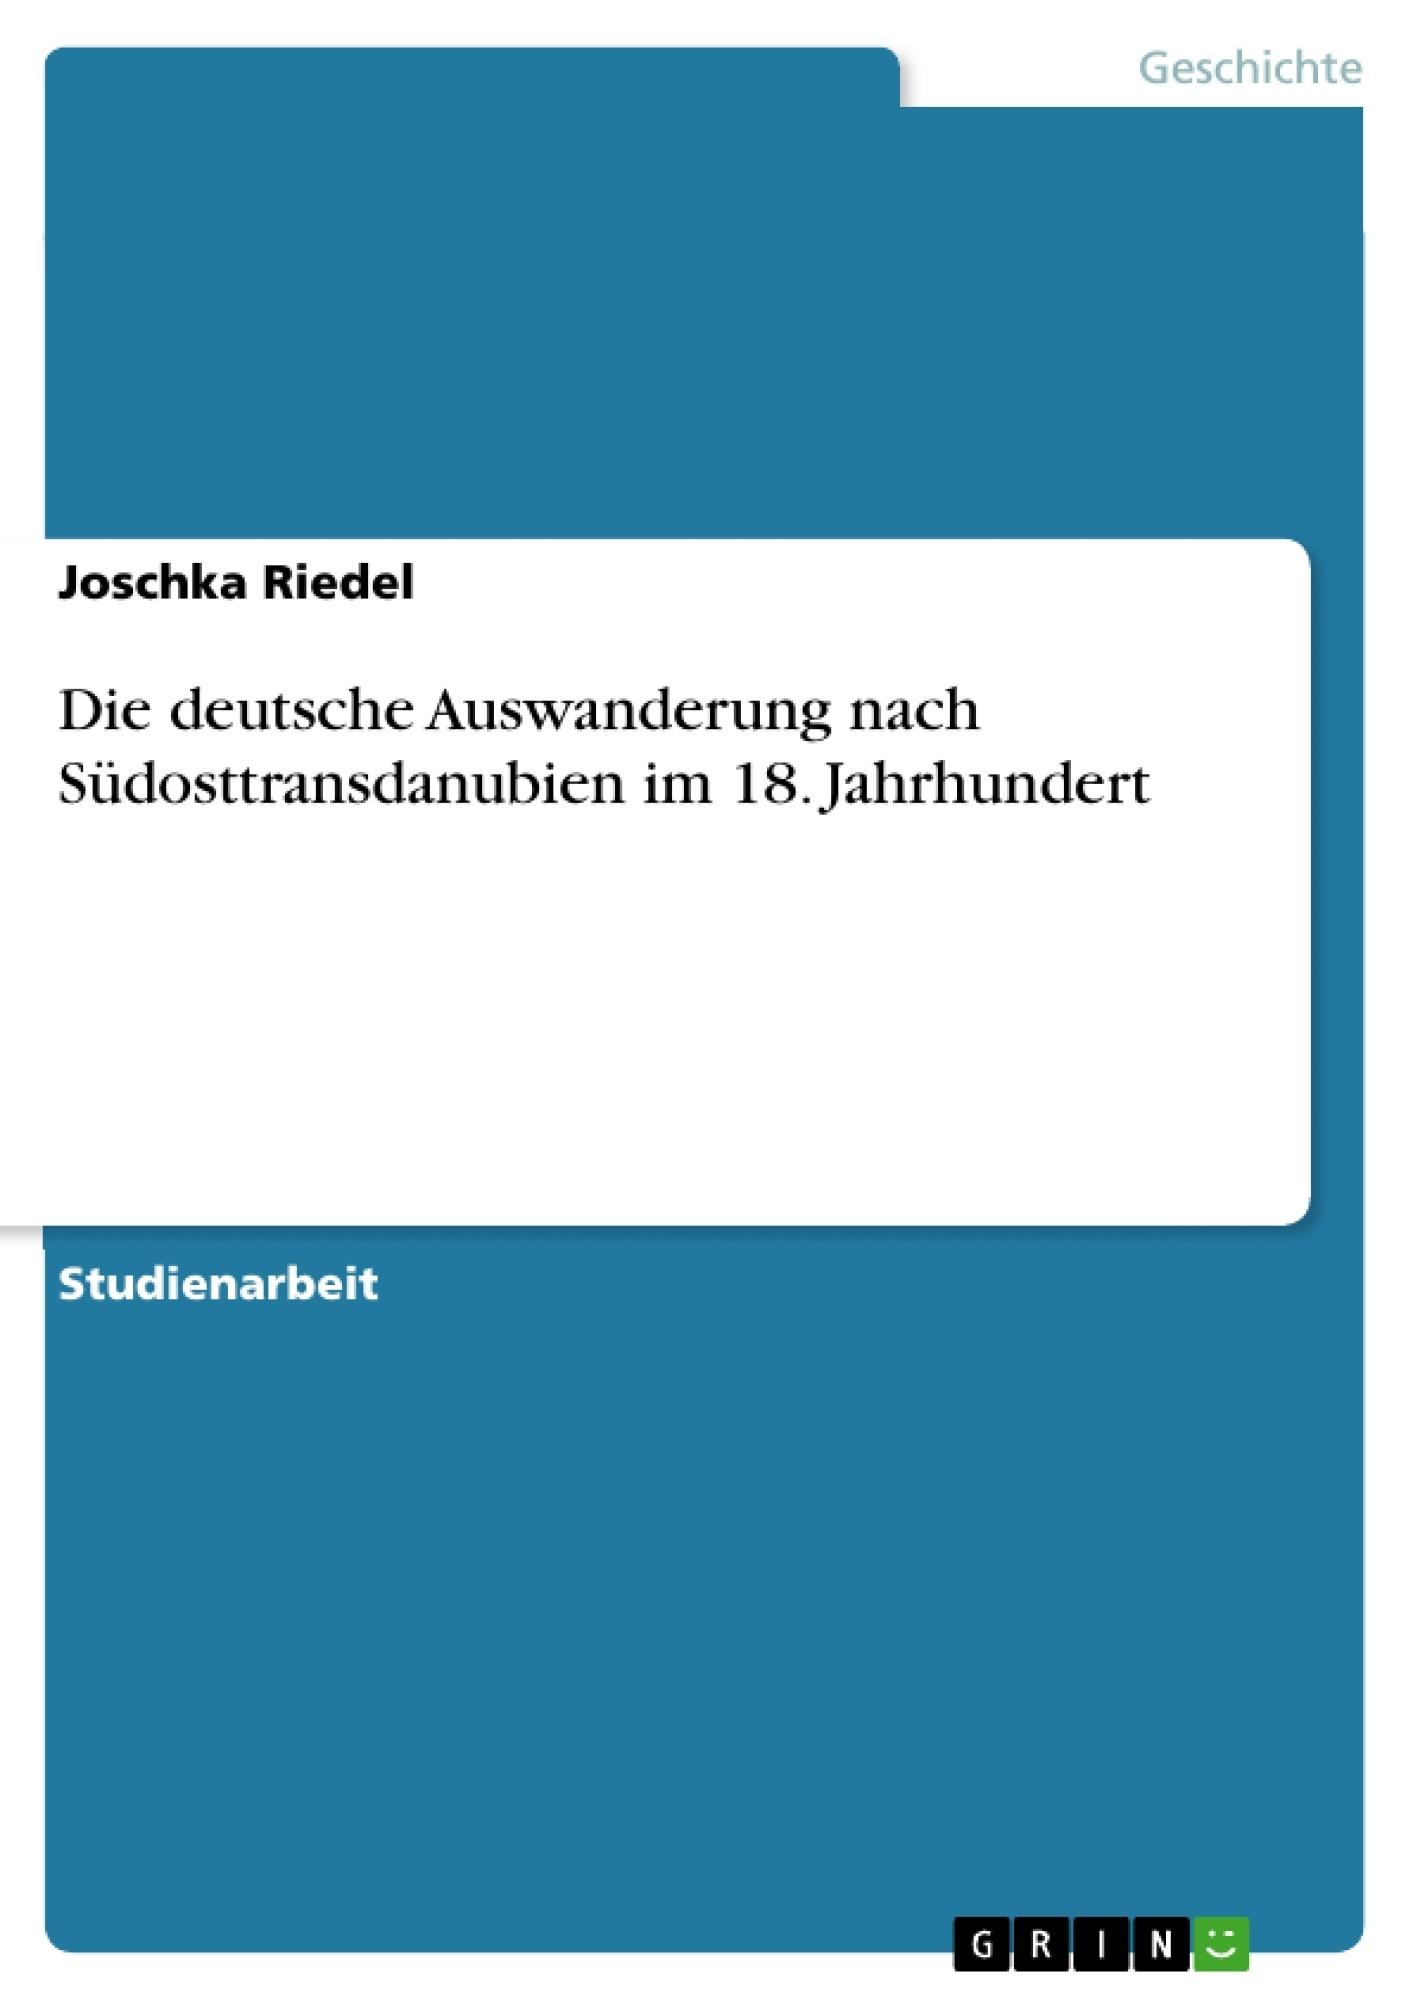 Titel: Die deutsche Auswanderung nach Südosttransdanubien im 18. Jahrhundert